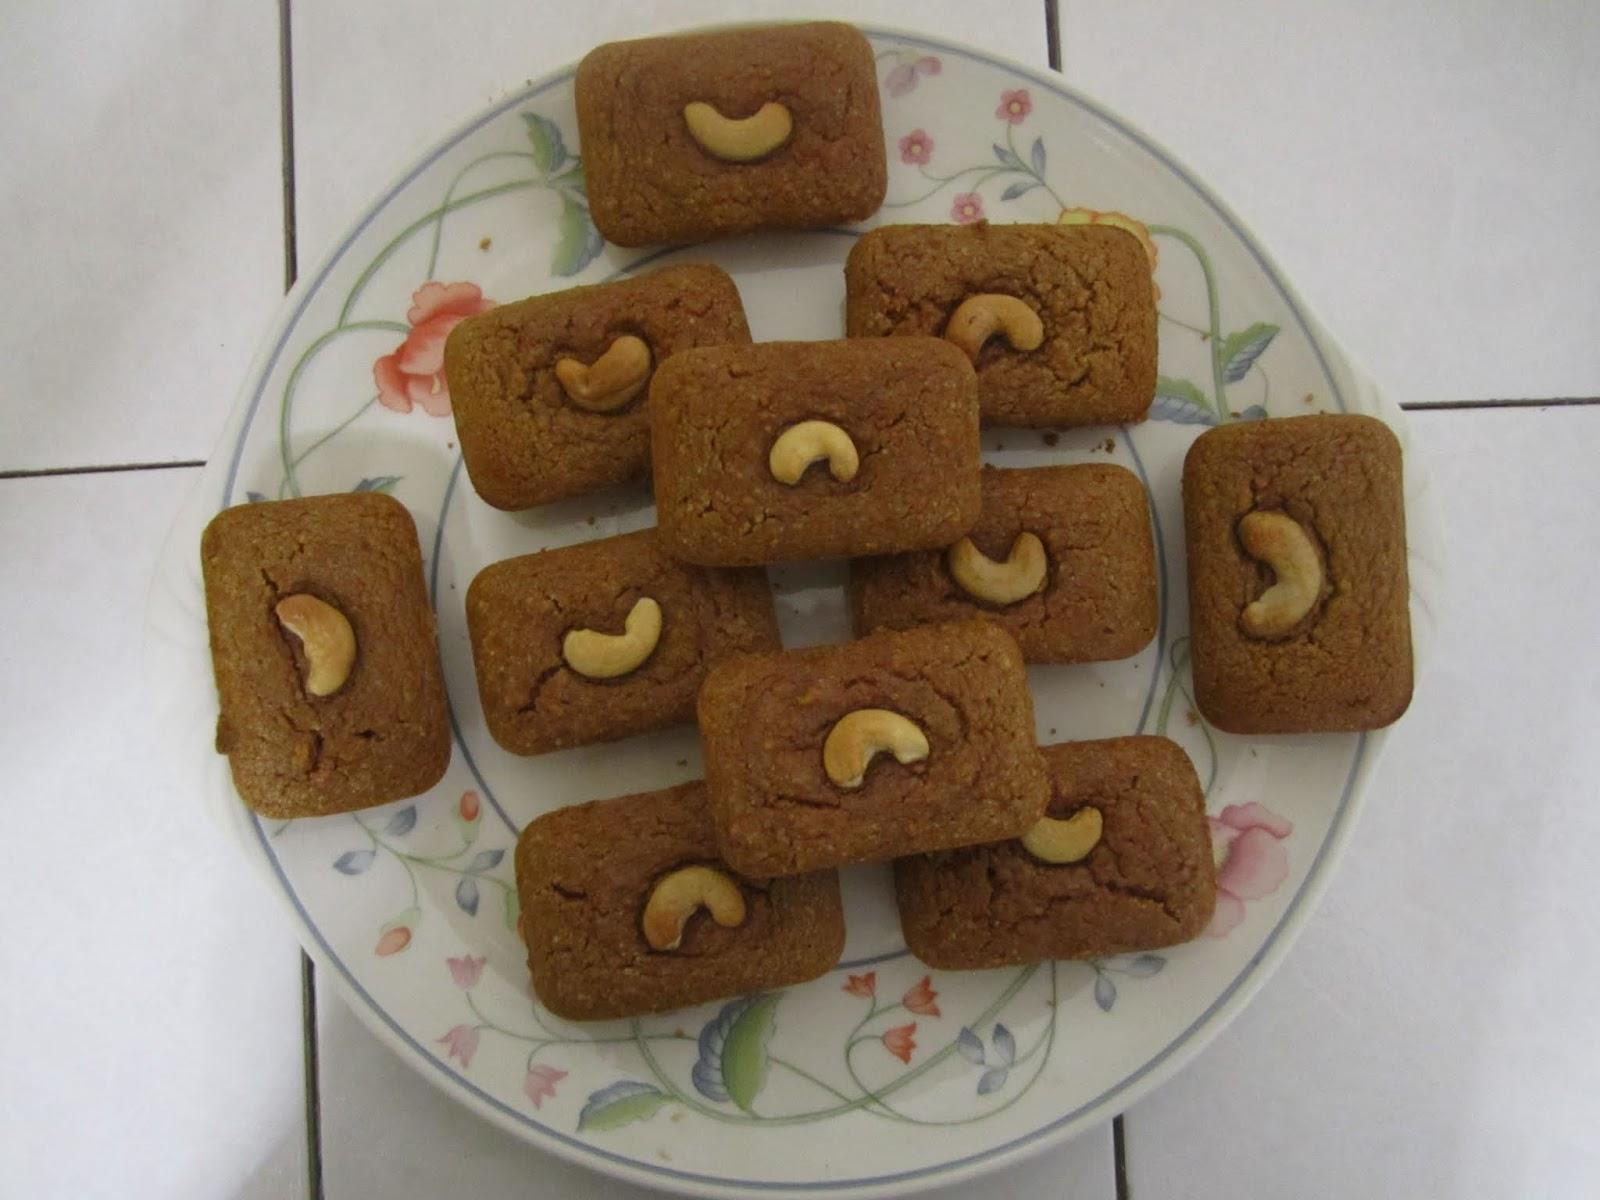 Mini cakes à la patate douce (sanshuile, sans beurre, sans gluten), noix de cajou farine de châtaigne